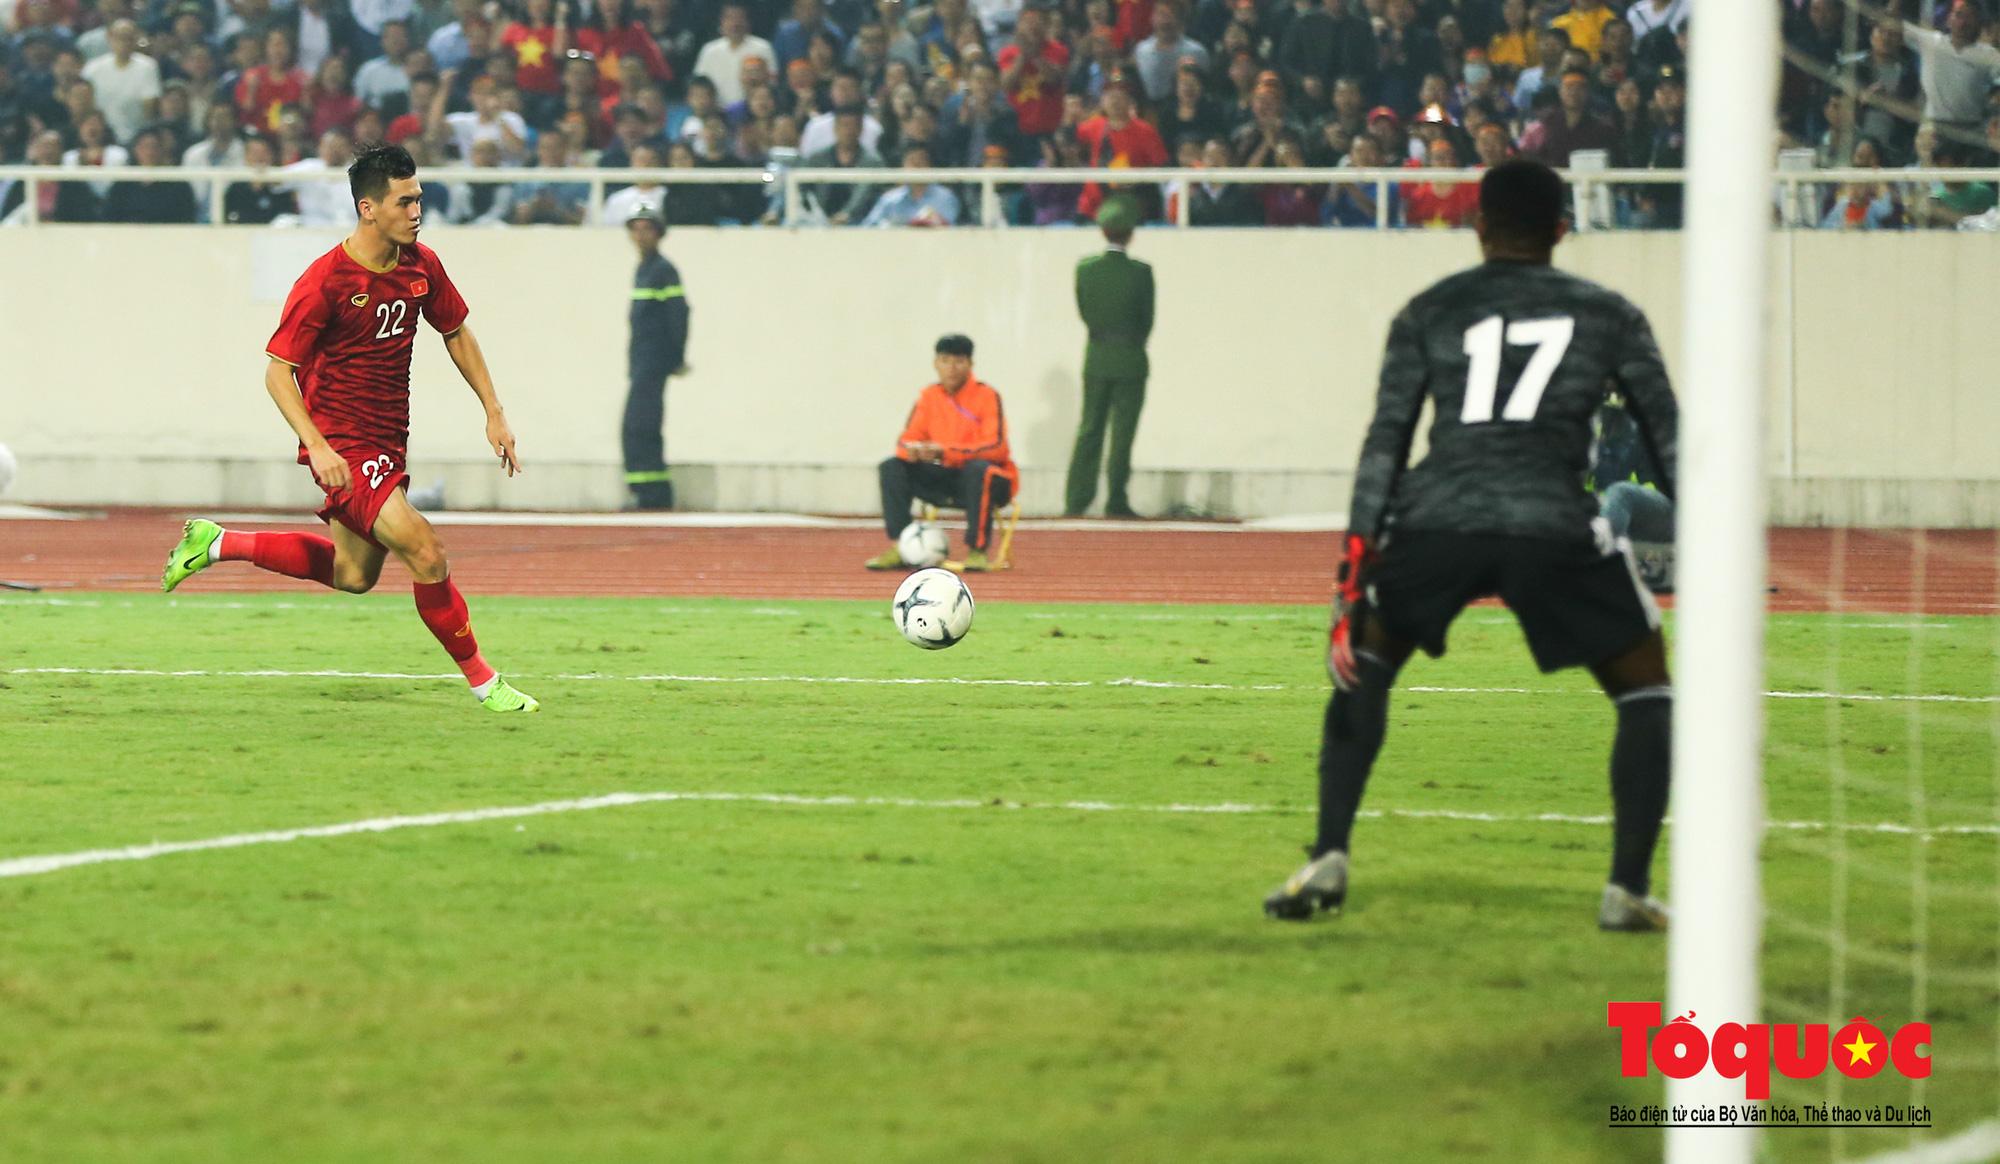 Đánh bại UAE, tuyển Việt Nam khẳng định vị thế số 1 bảng G - Ảnh 6.